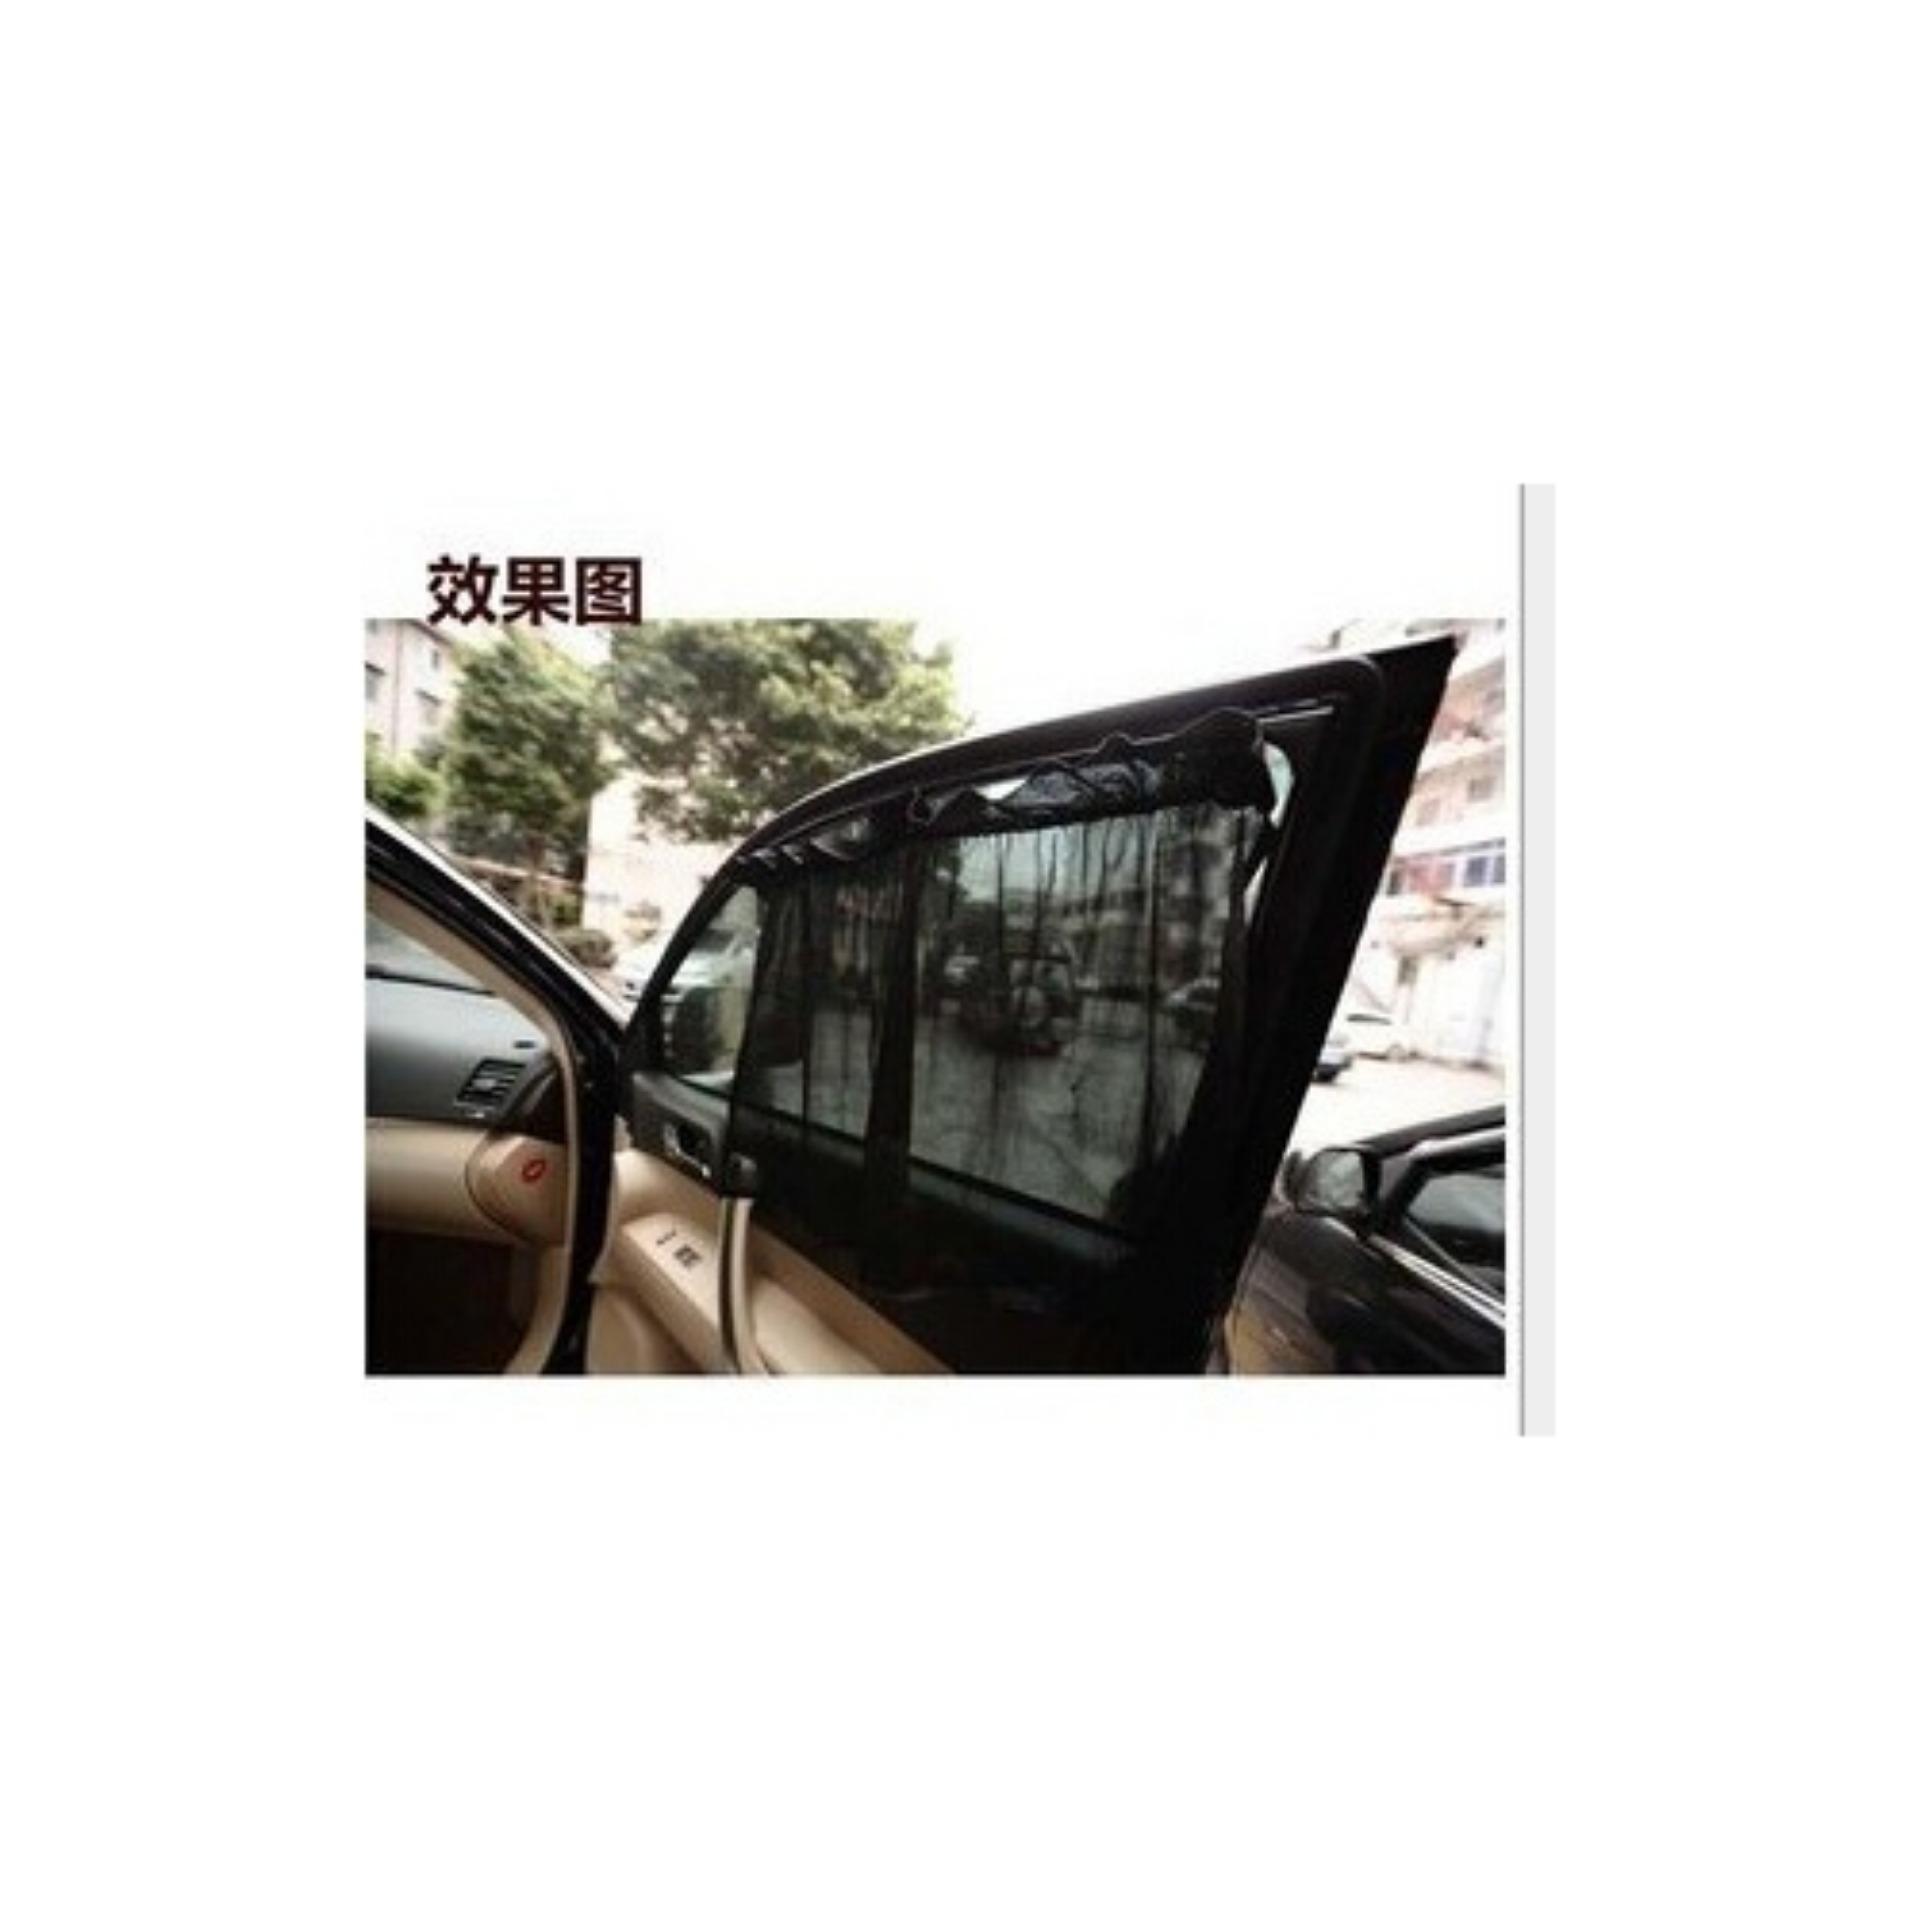 ... Tirai Mobil Penahan Penghalang Sinar Matahari Gorden Kaca Anti Panas Horden Hordeng Gordeng Jendela Aksesoris Interior MobilIDR22000. Rp 28.000